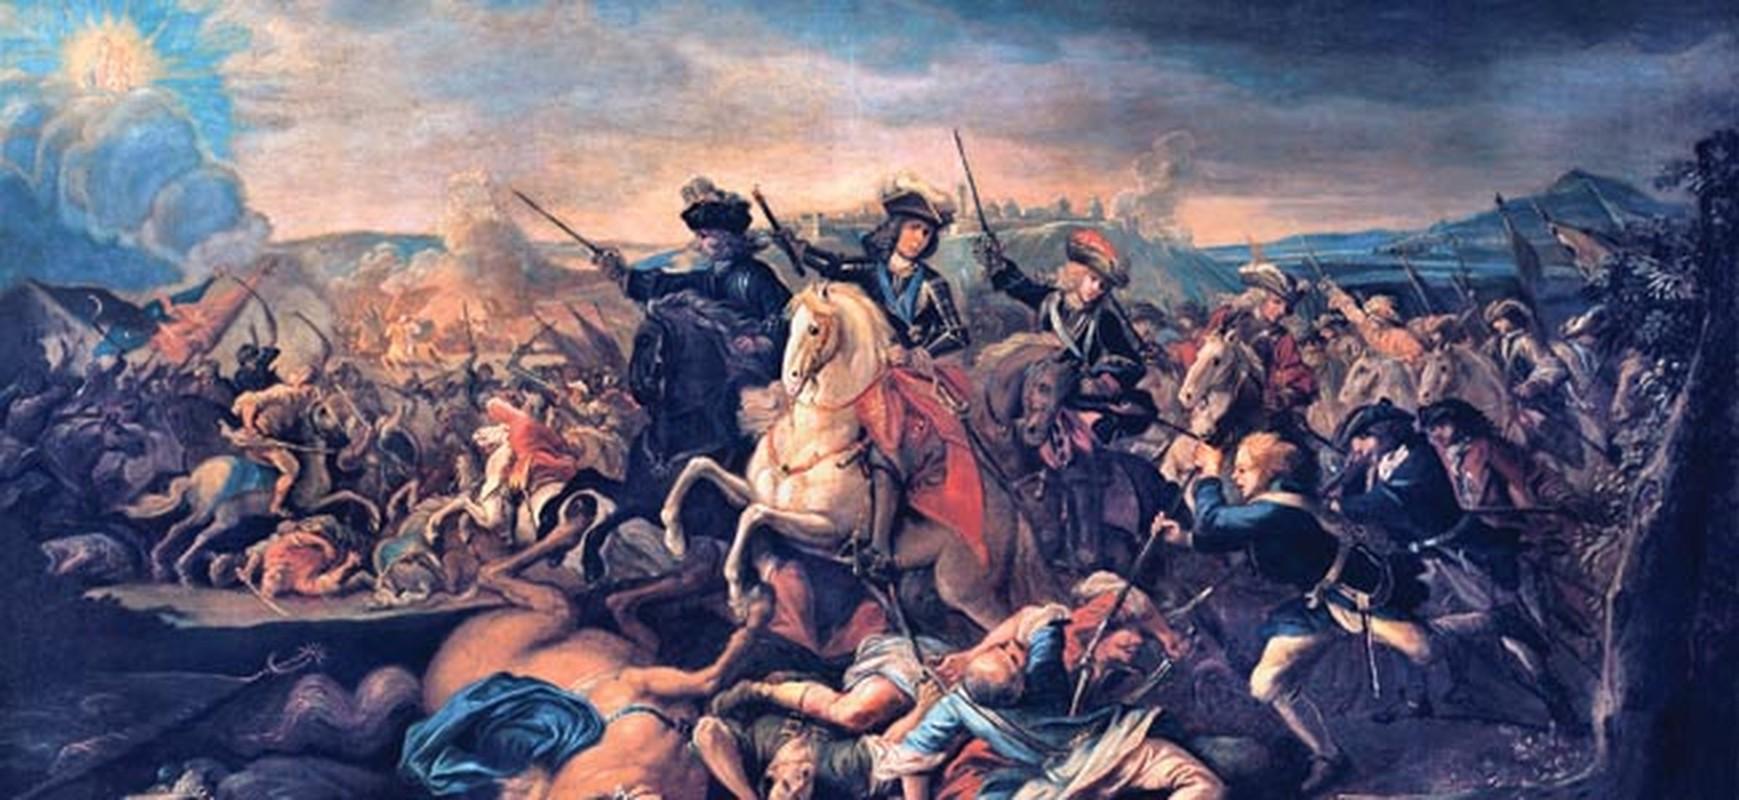 7 thien tai quan su duoc hoang de Napoleon sung bai het muc-Hinh-10